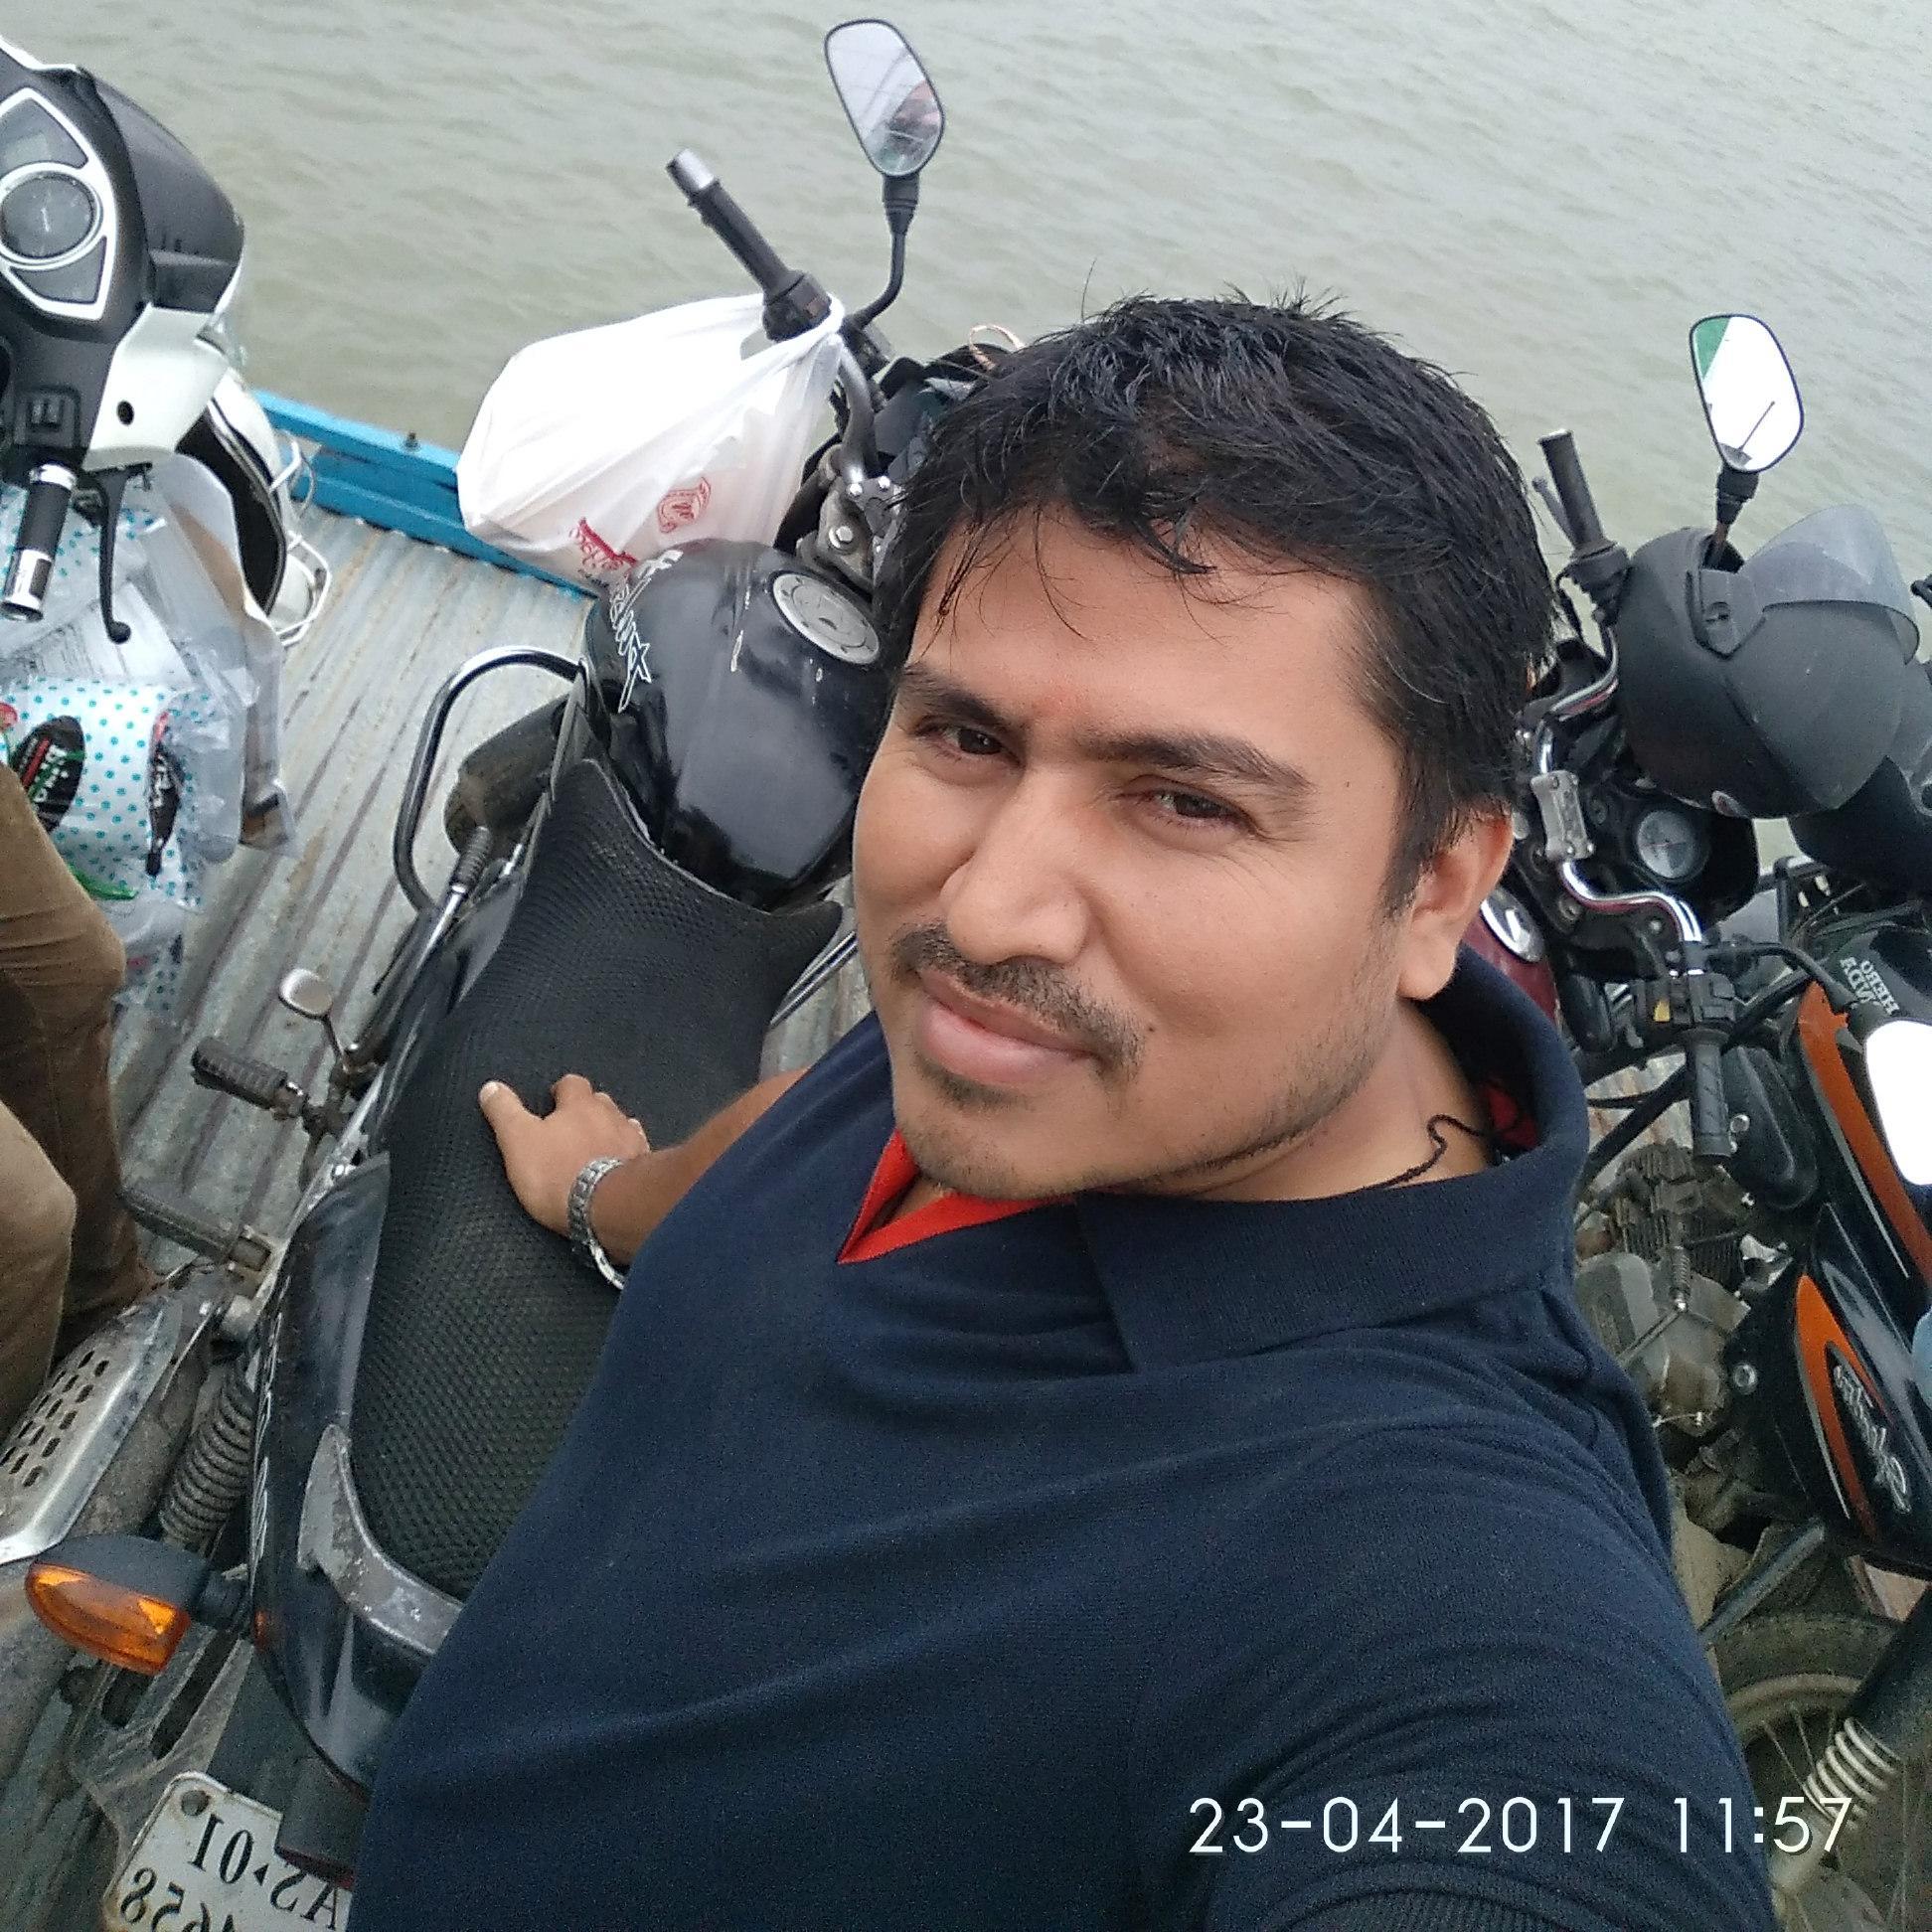 Rana dutta